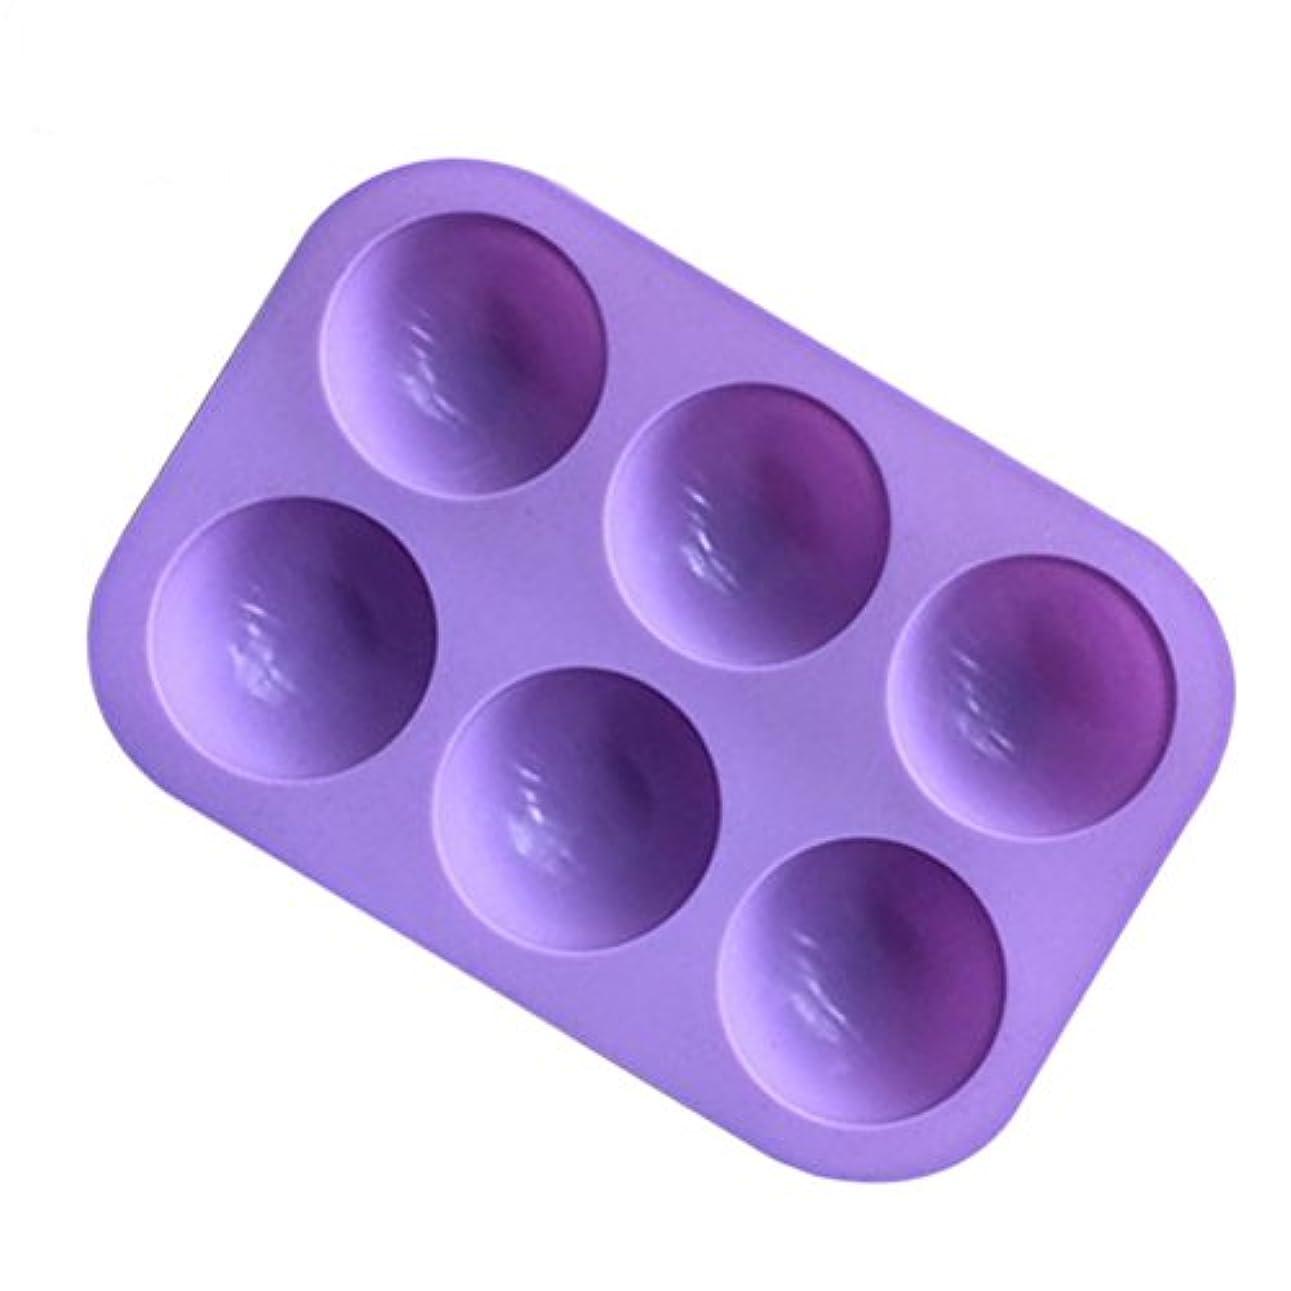 信仰殺すジェーンオースティンBESTONZON シリコンソープモールド半円マフィンパンカップケーキキャンディモールドケーキチョコレートモールドベーキングモールド6個のキャビティ(紫色)